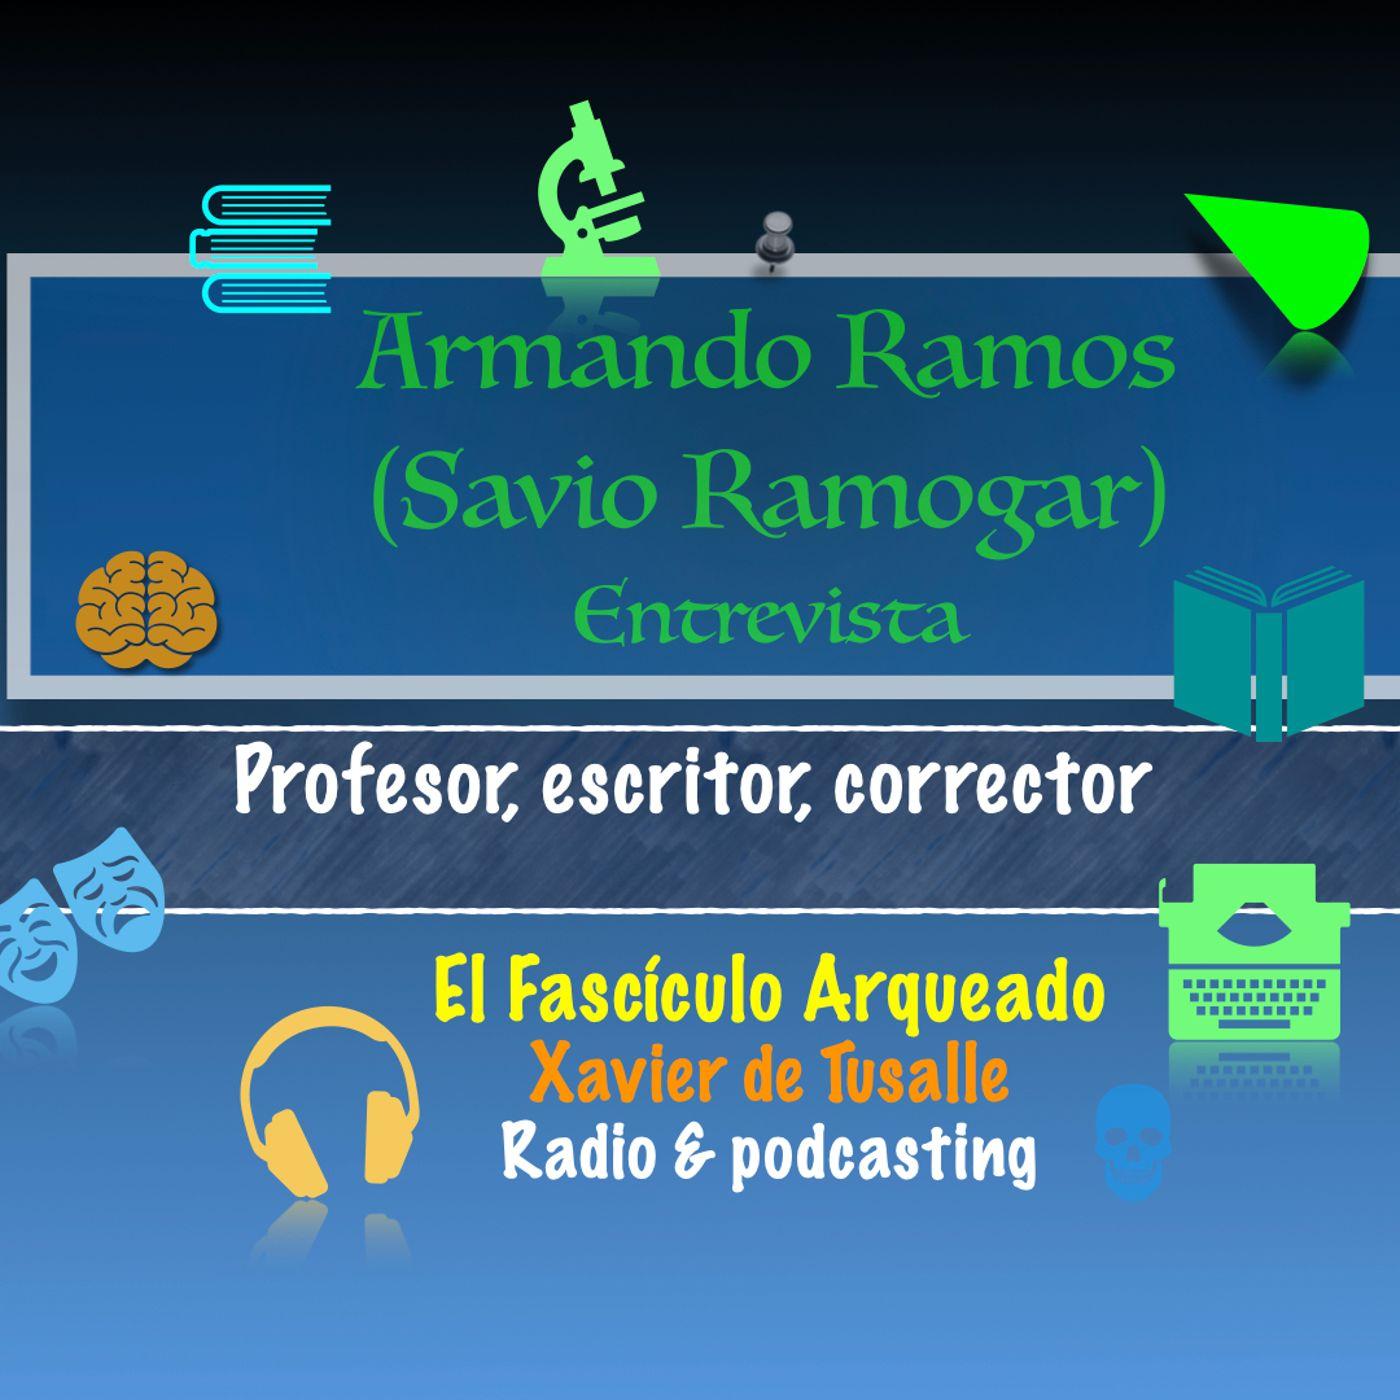 Entrevisto al escritor y profesor Armando Ramos (Savio Ramogar)